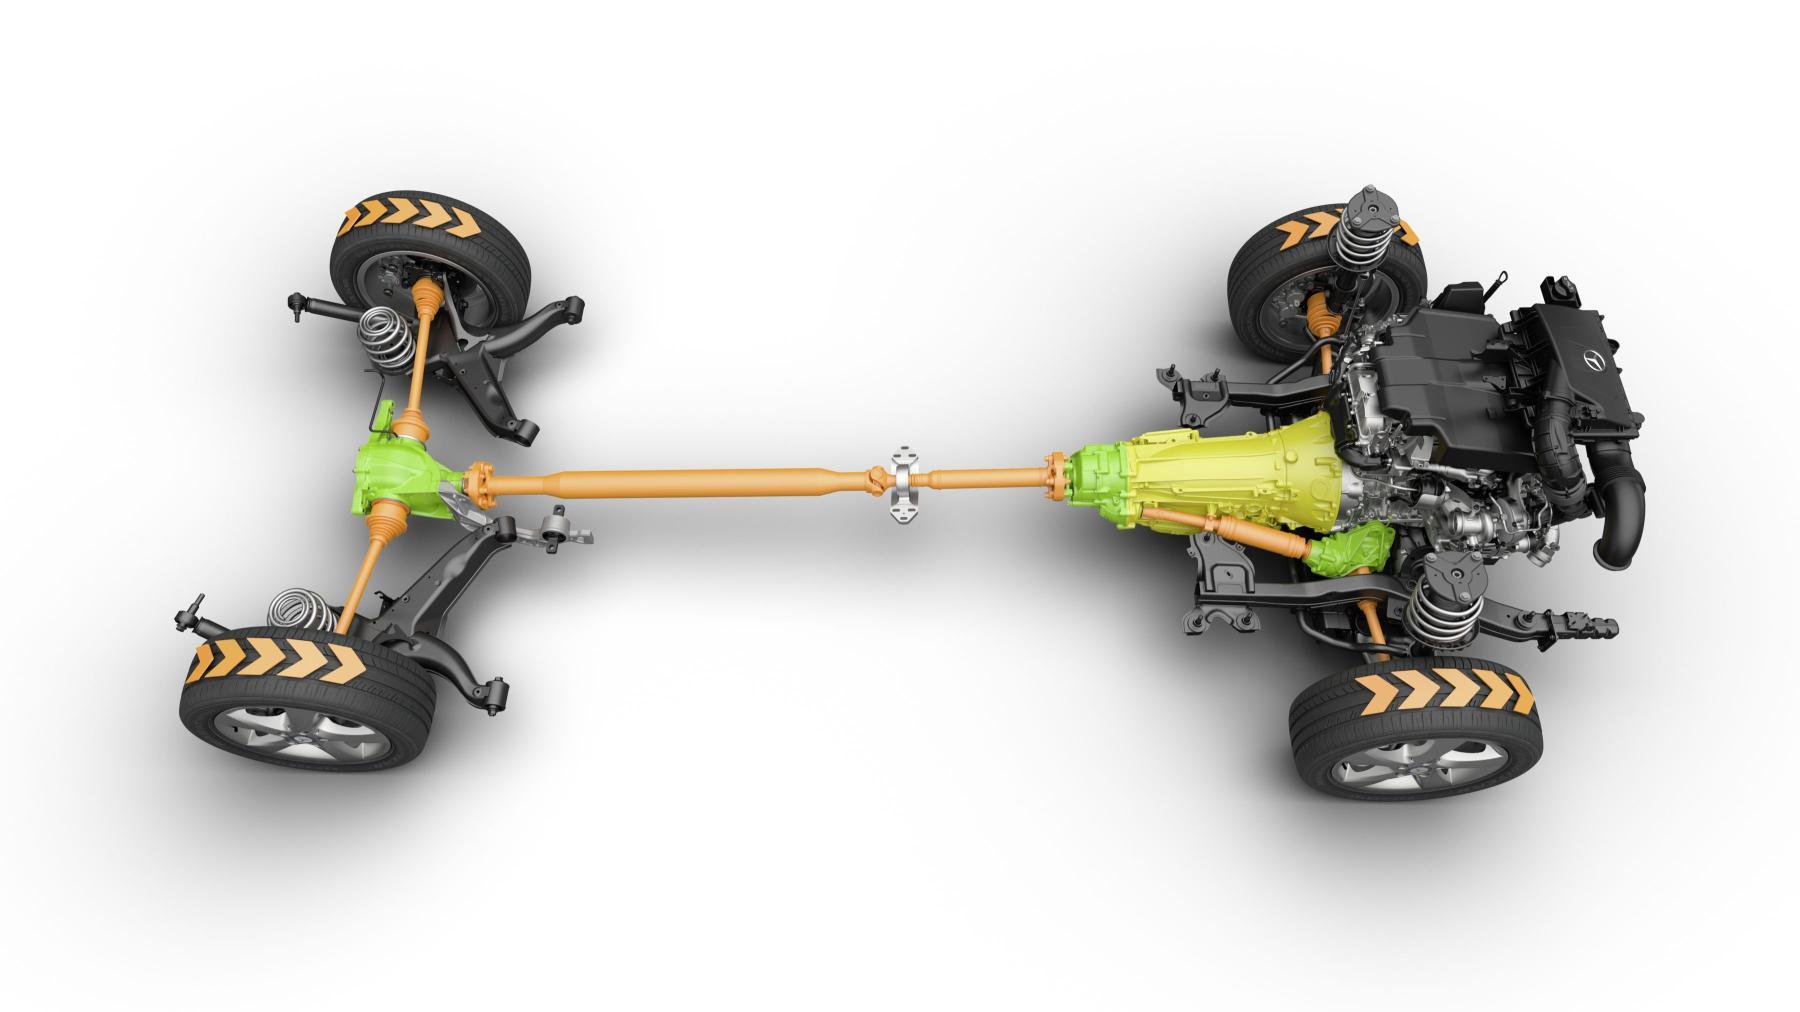 Mercedes Vito 4x4: Espacio interior y capacidad de tracción 1